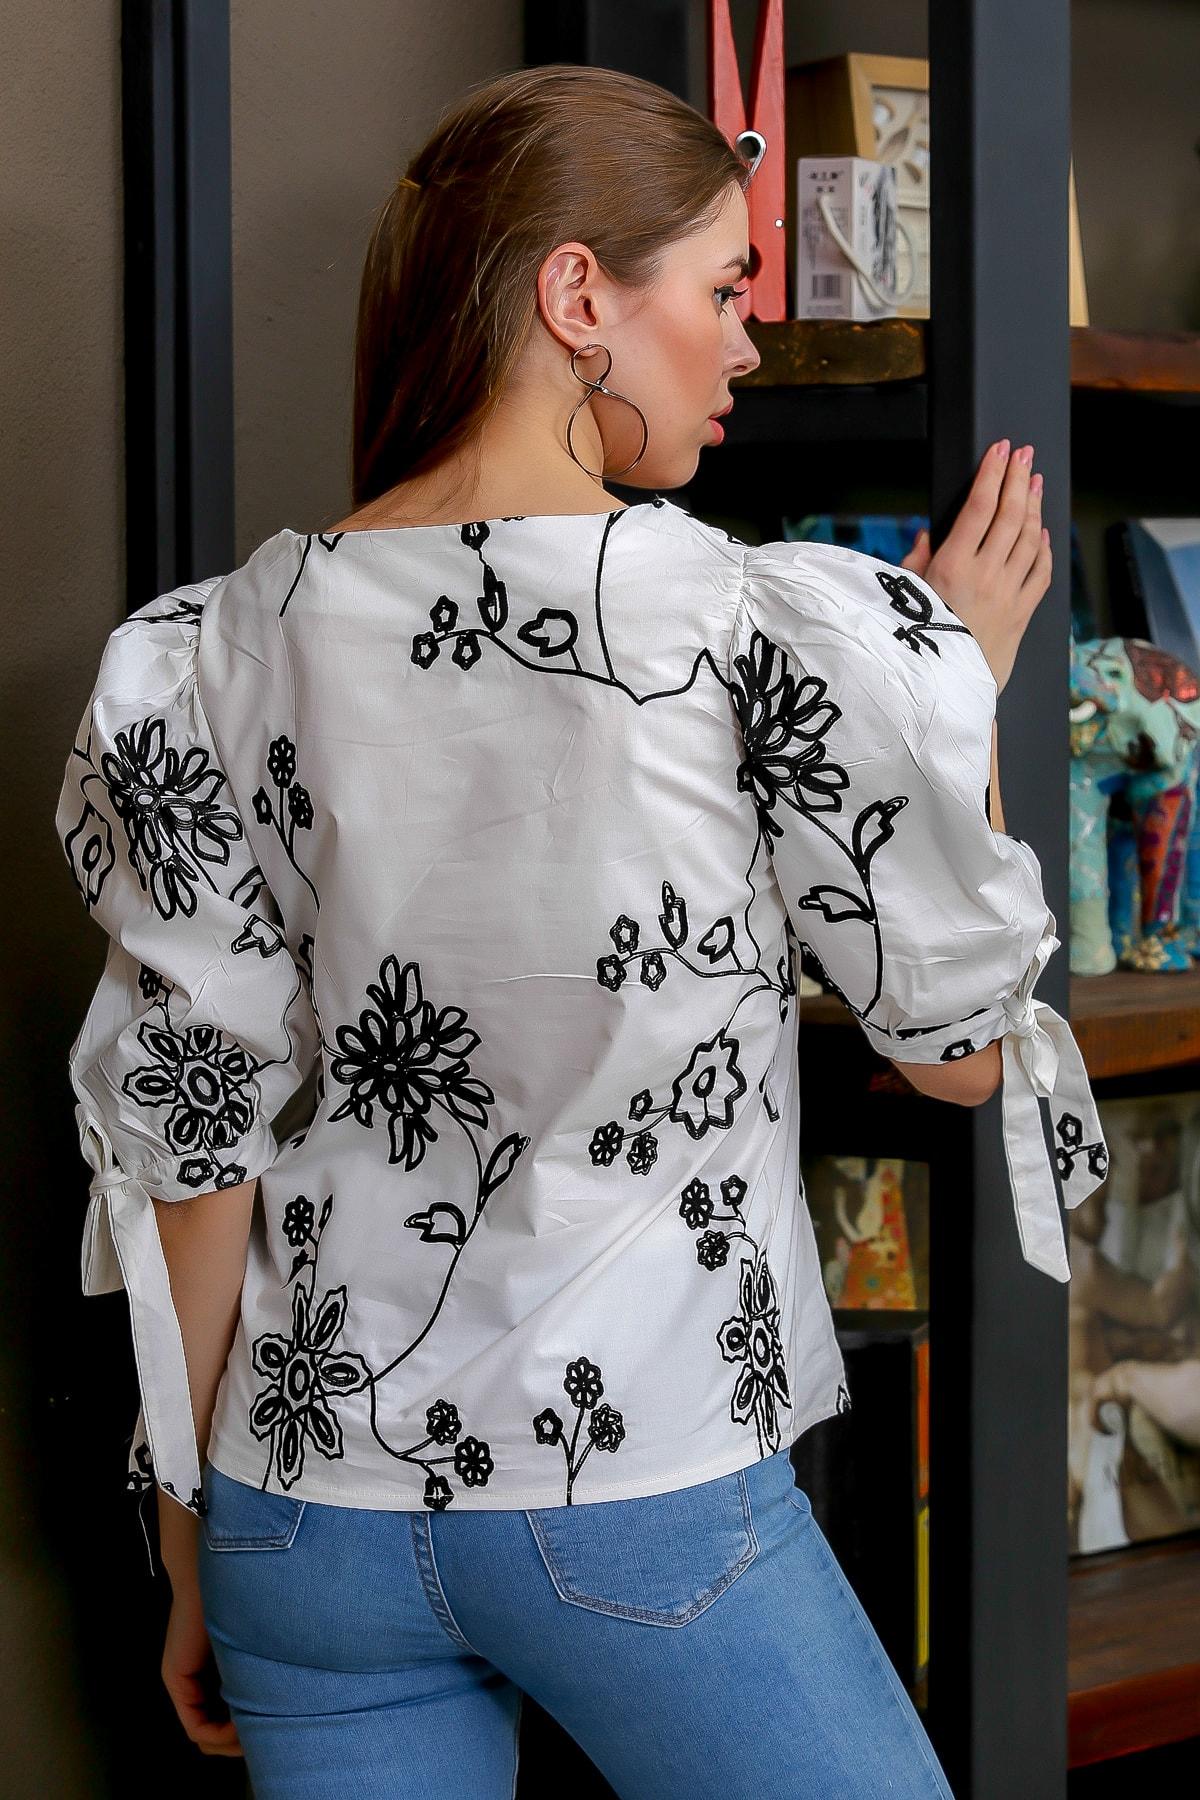 Chiccy Kadın Beyaz Bağlama Kol Detaylı Çiçek Nakışlı Sıfır Yaka Dokuma Bluz M10010200BL95616 4